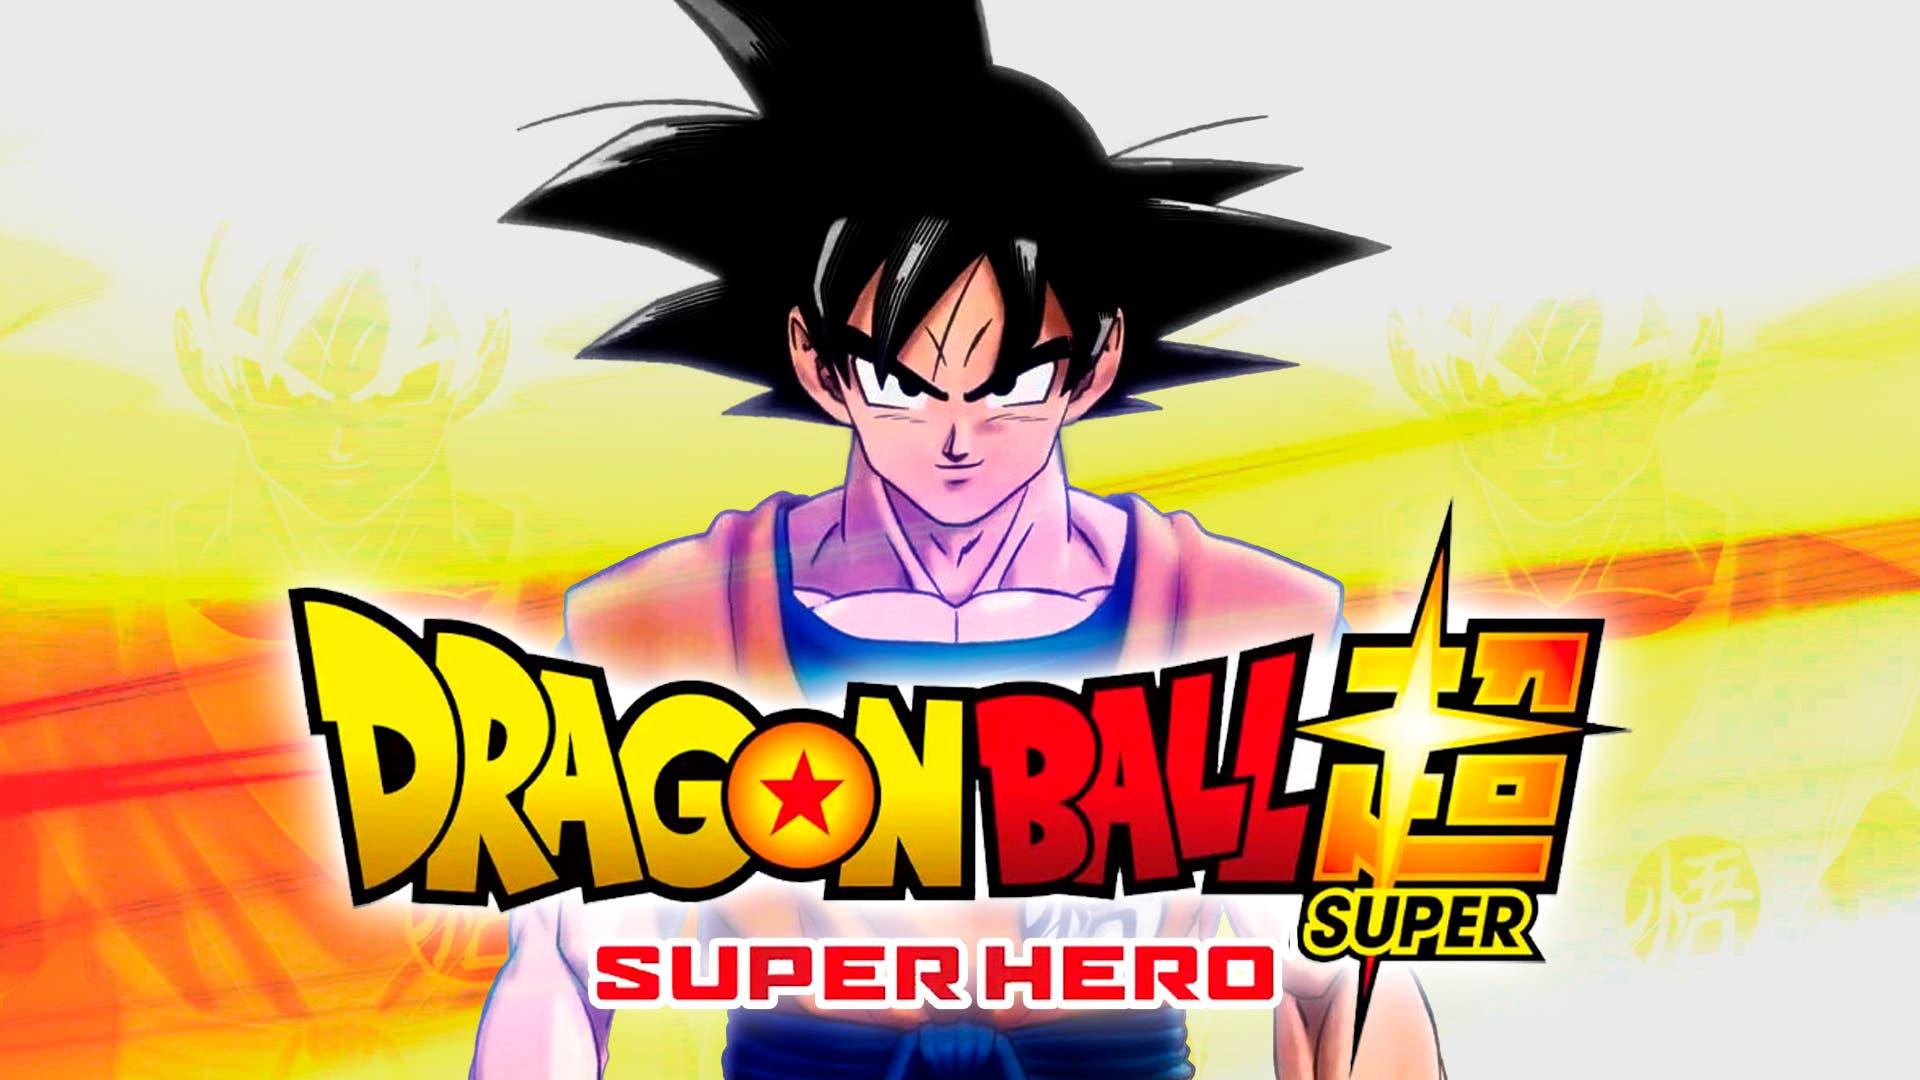 Dragon Ball Super: Super Hero | Se confirma el título oficial de la película y revela un nuevo avance.